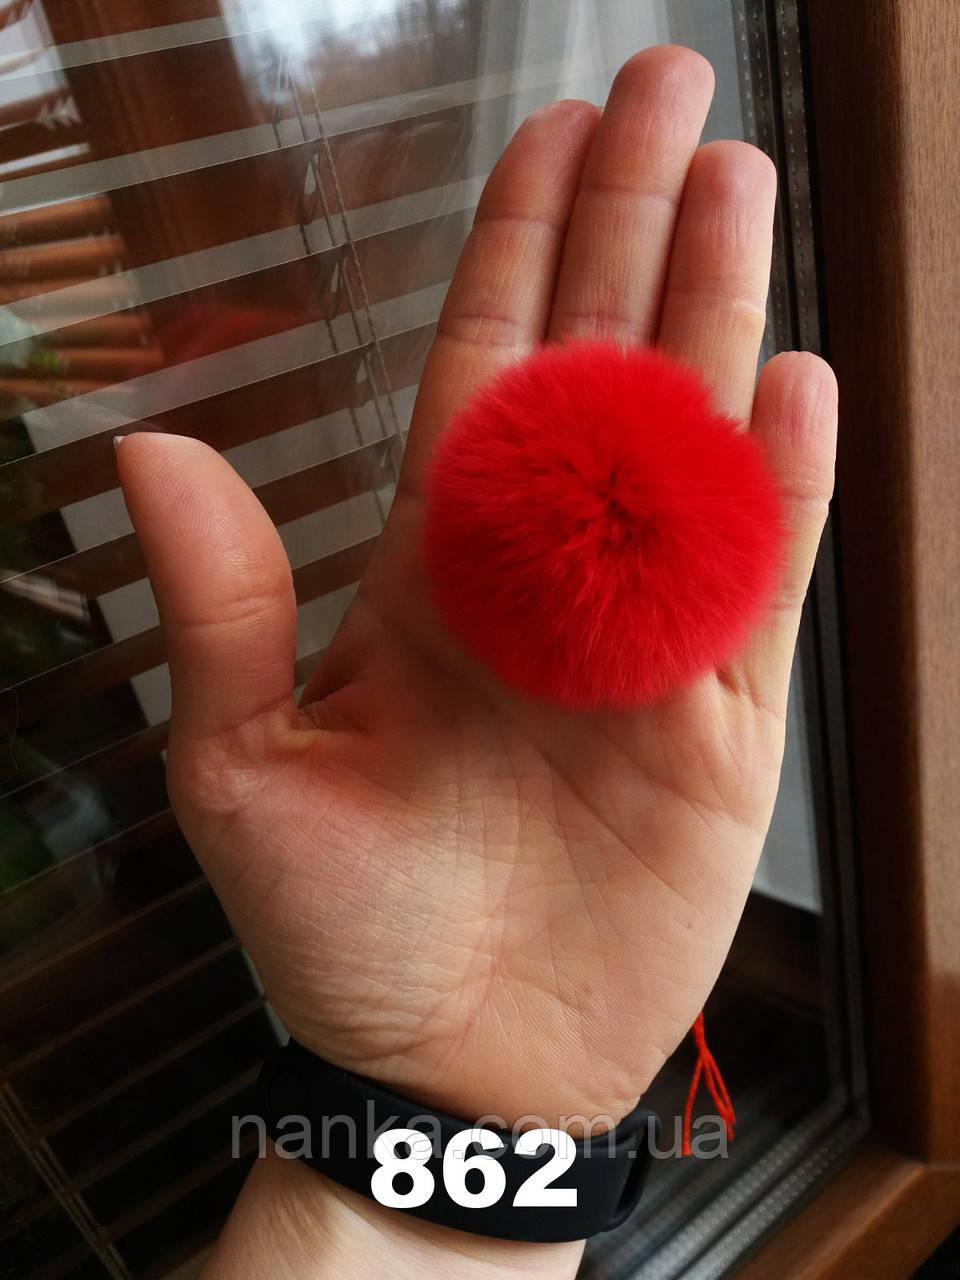 Меховой помпон Кролик РЕКС, Красный, 5/6 см, 862